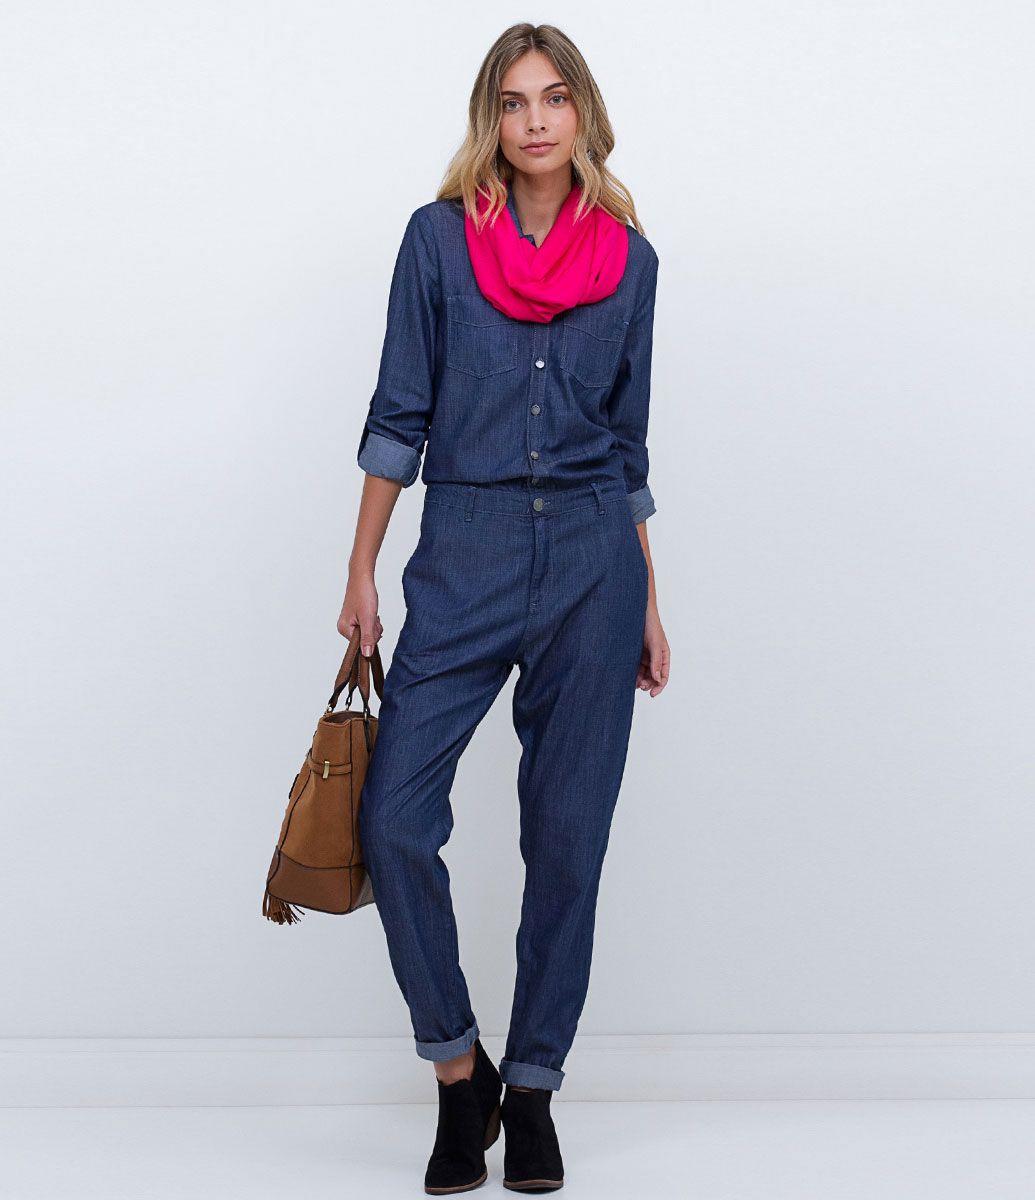 317b73a58 Macacão feminino Modelo longo Manga longa Marca  Blue Steel Tecido  jeans  Composição  67